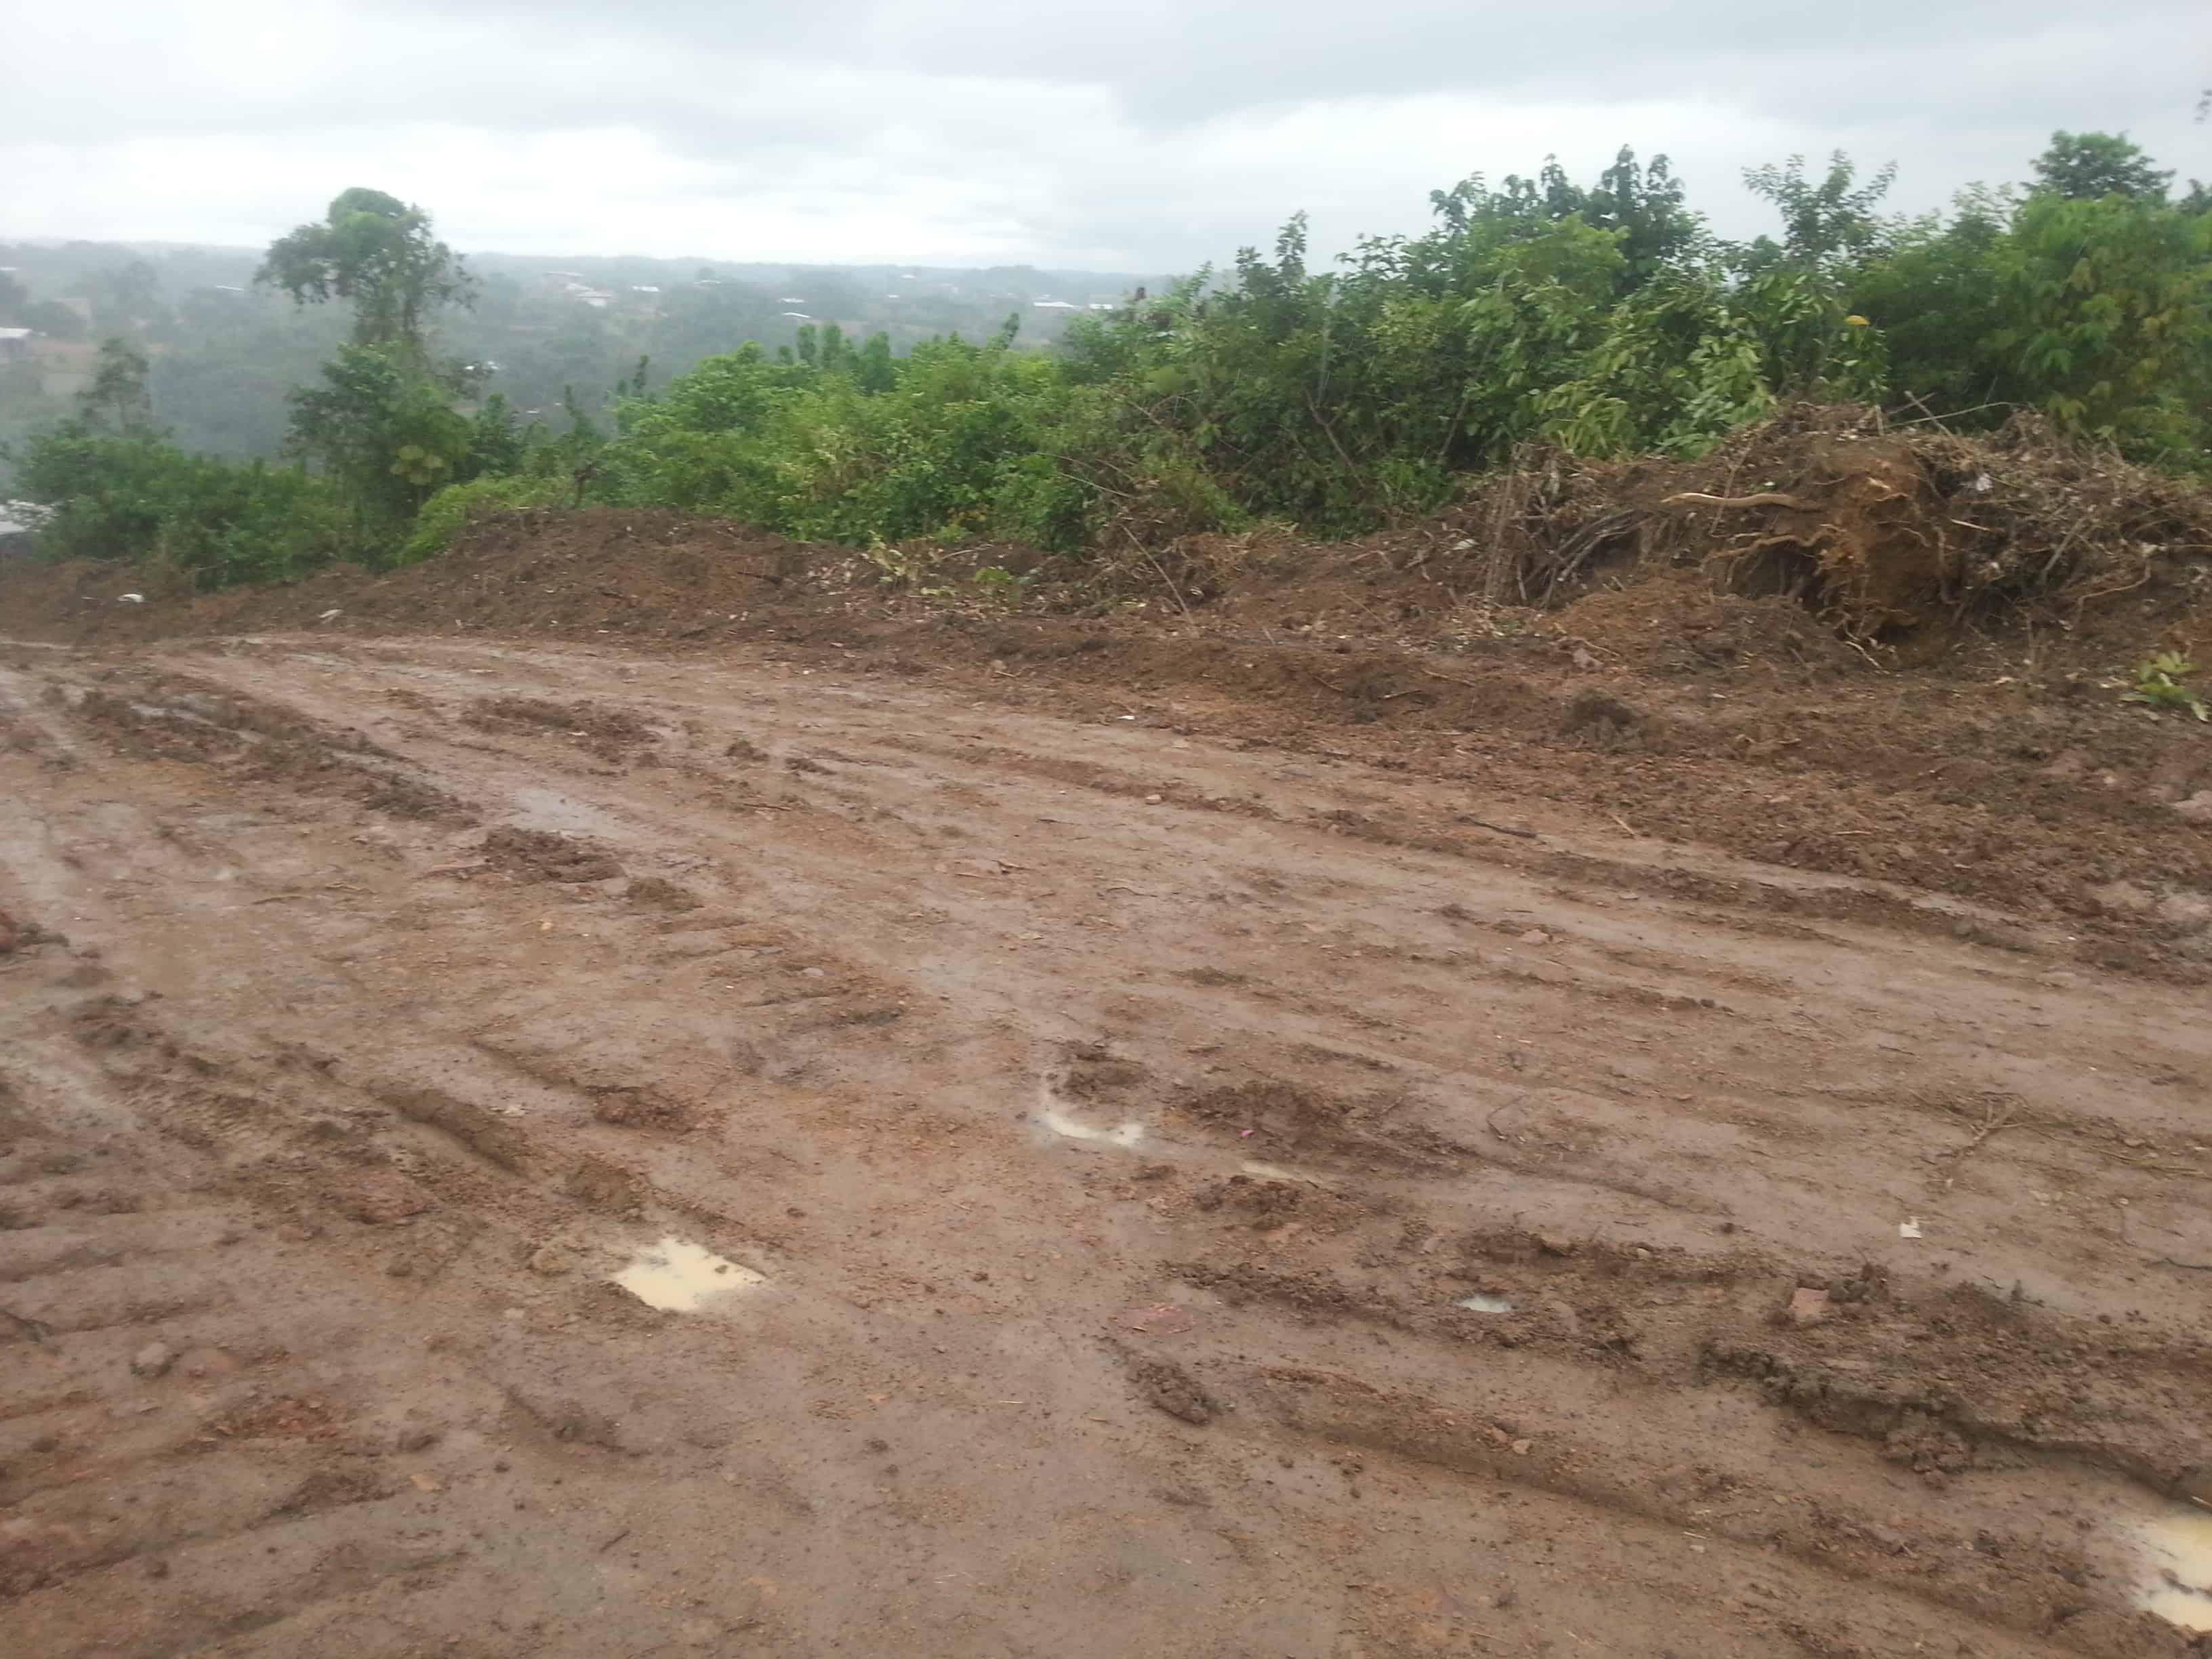 Land for sale at Douala, PK 17, derrière l'Université - 300 m2 - 6 000 000 FCFA